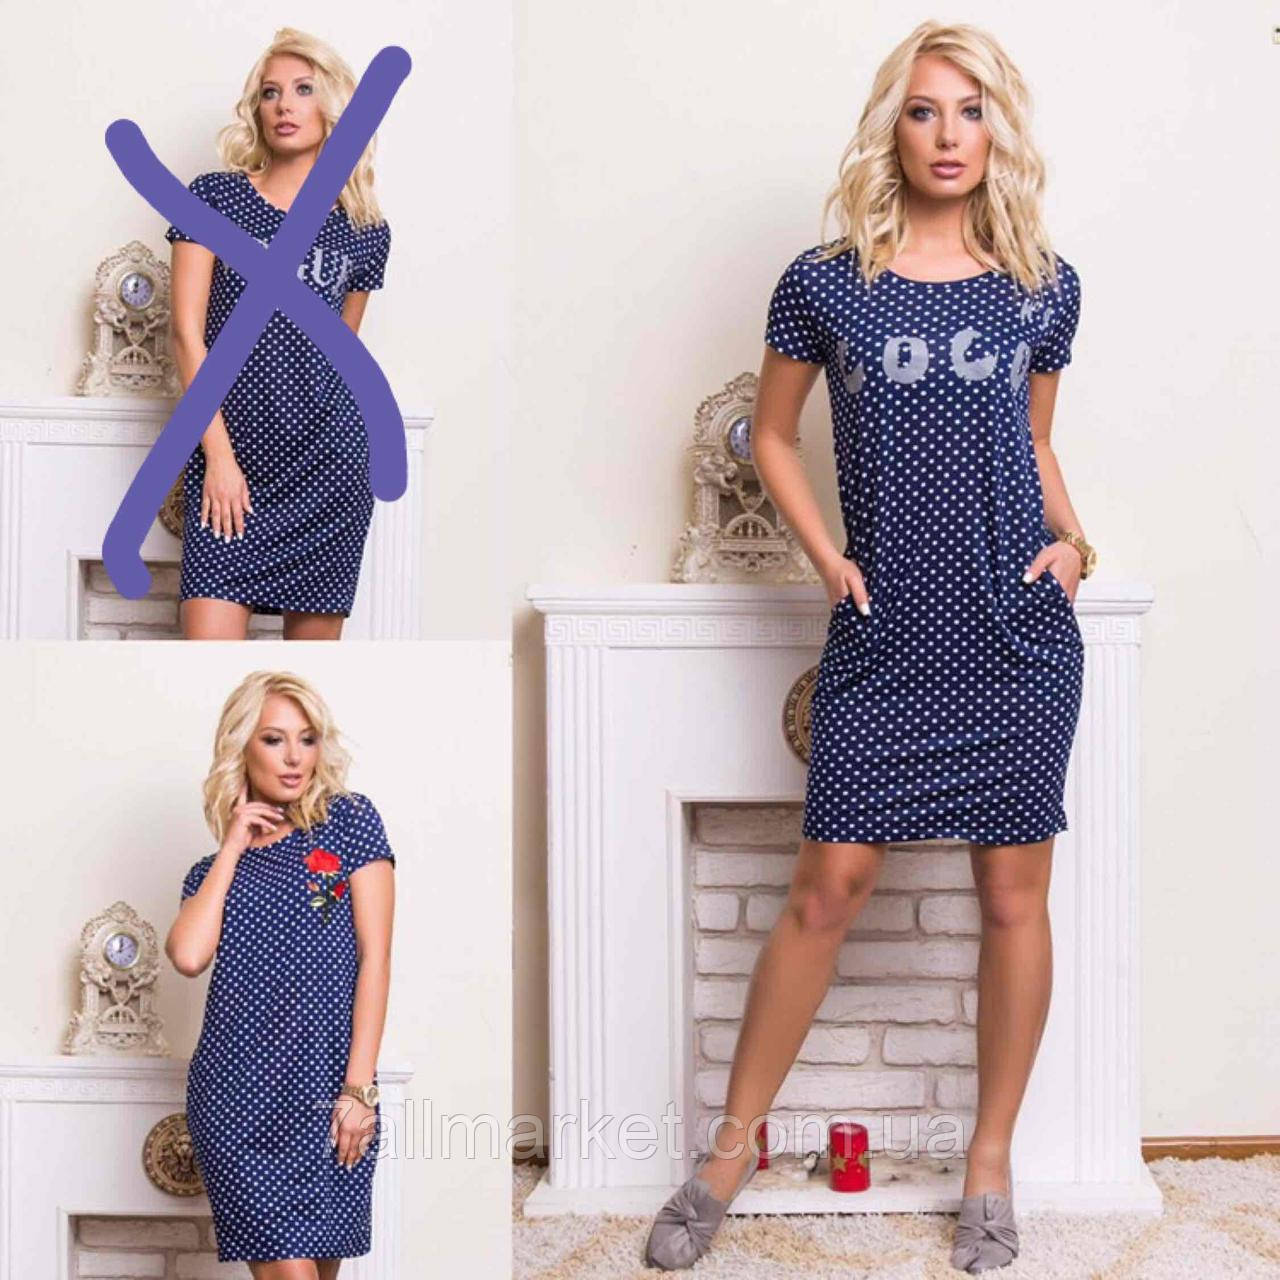 """Платье женское летнее в горошек, размер 44-48 (разный принт) """"QUEEN"""" купить недорого от прямого поставщика"""